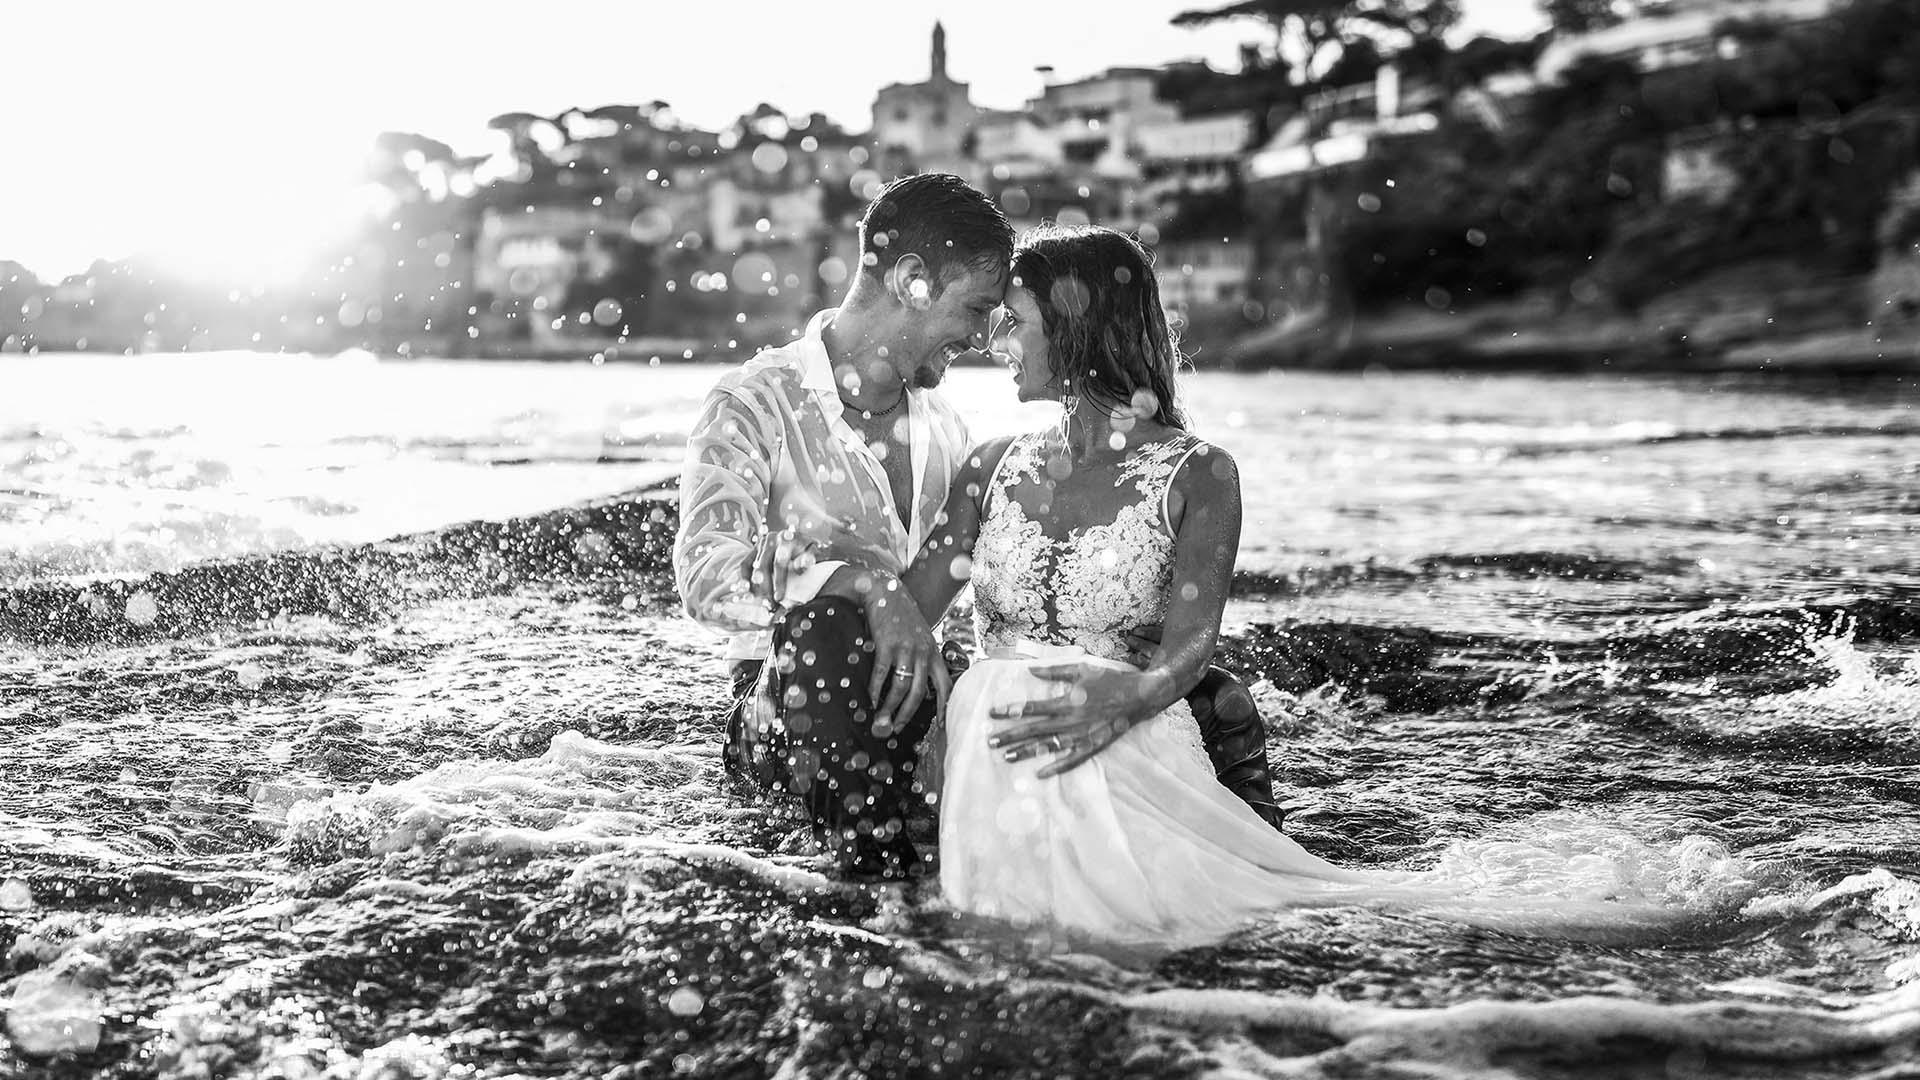 wedding-amalfi_1_0012_84164537_2917367114994815_6048444852016775168_o-2